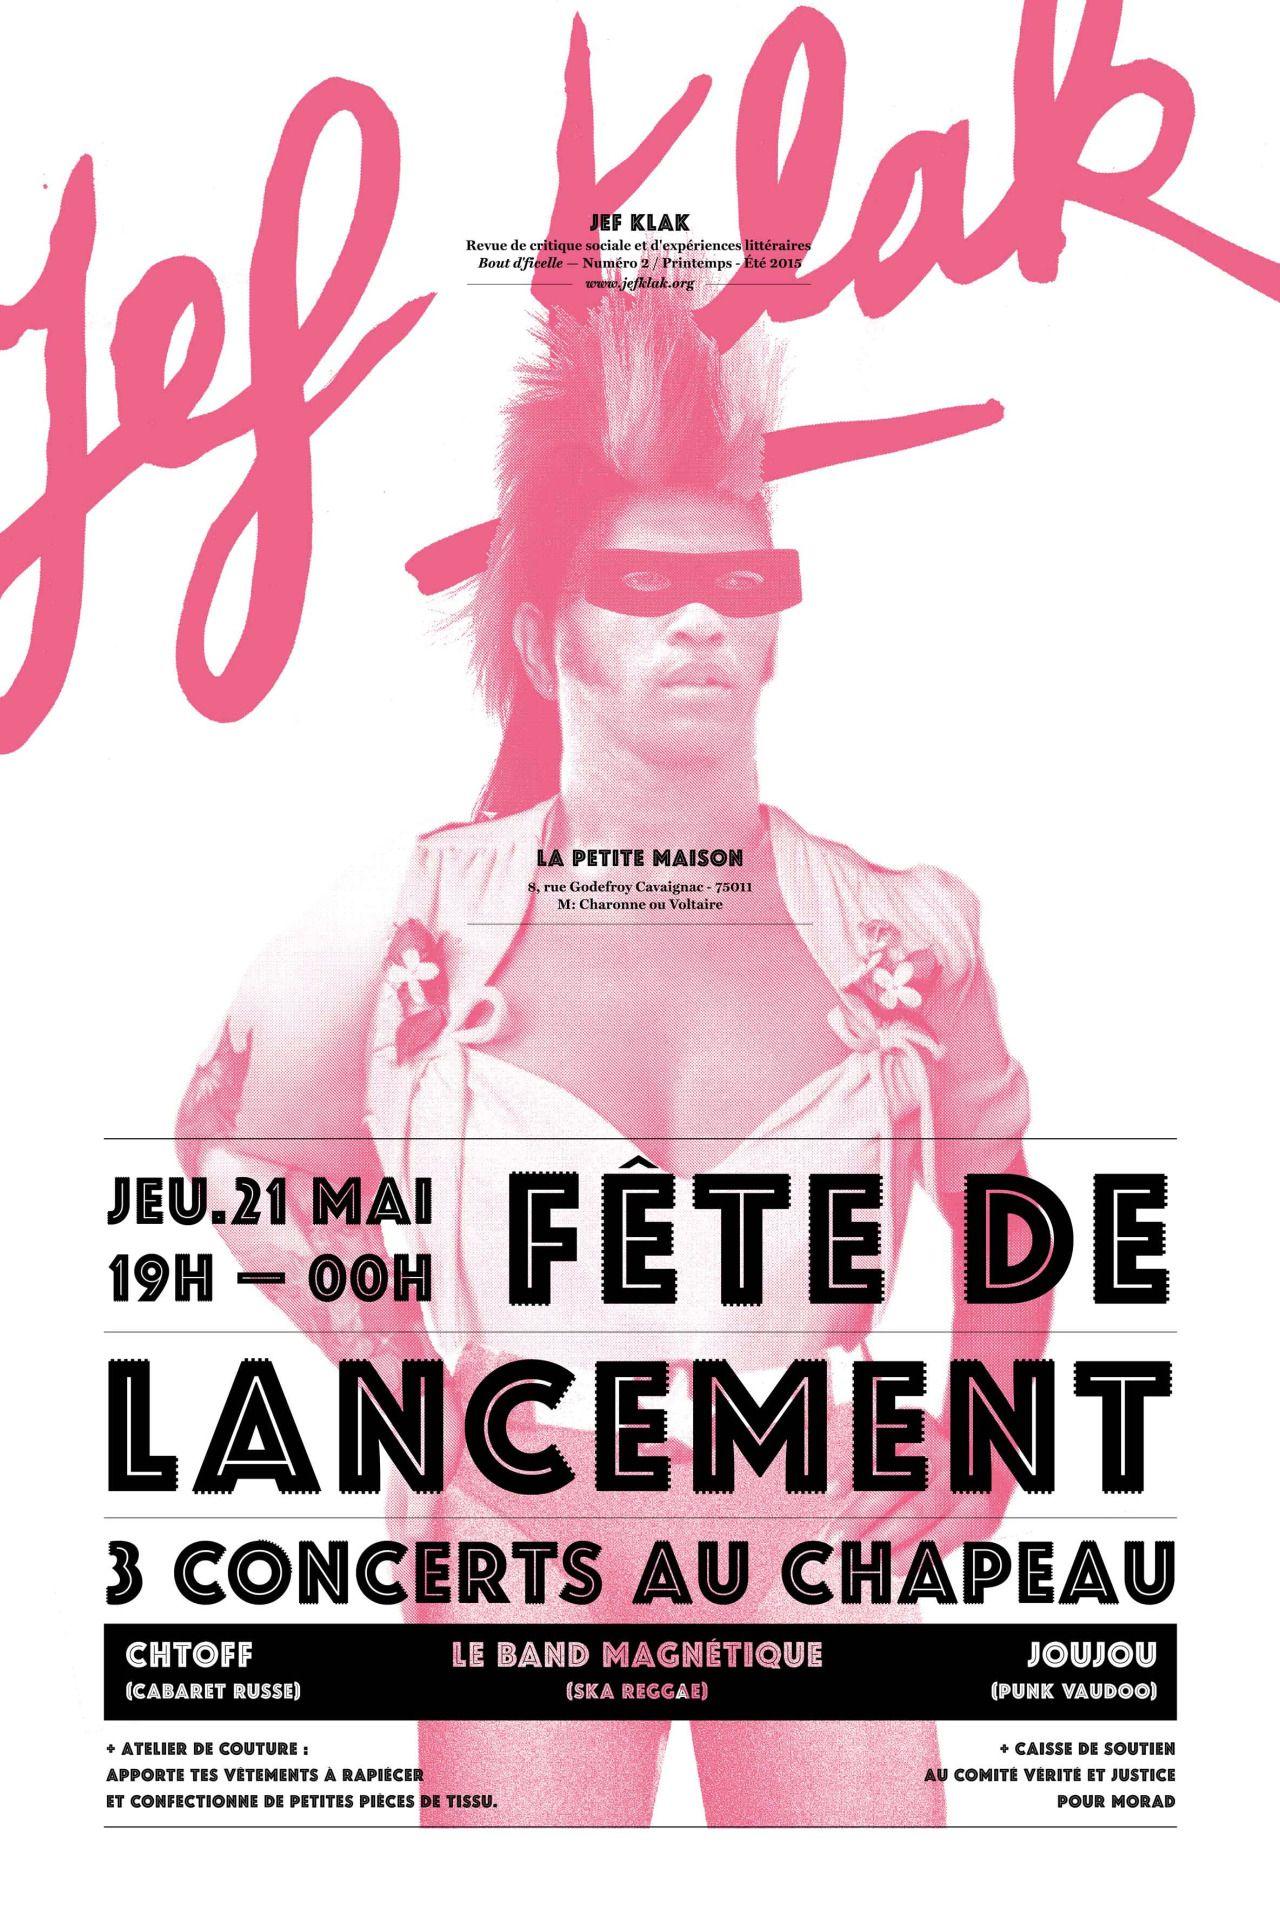 Jef Klak Photo Typographic Poster Typographic Design Art